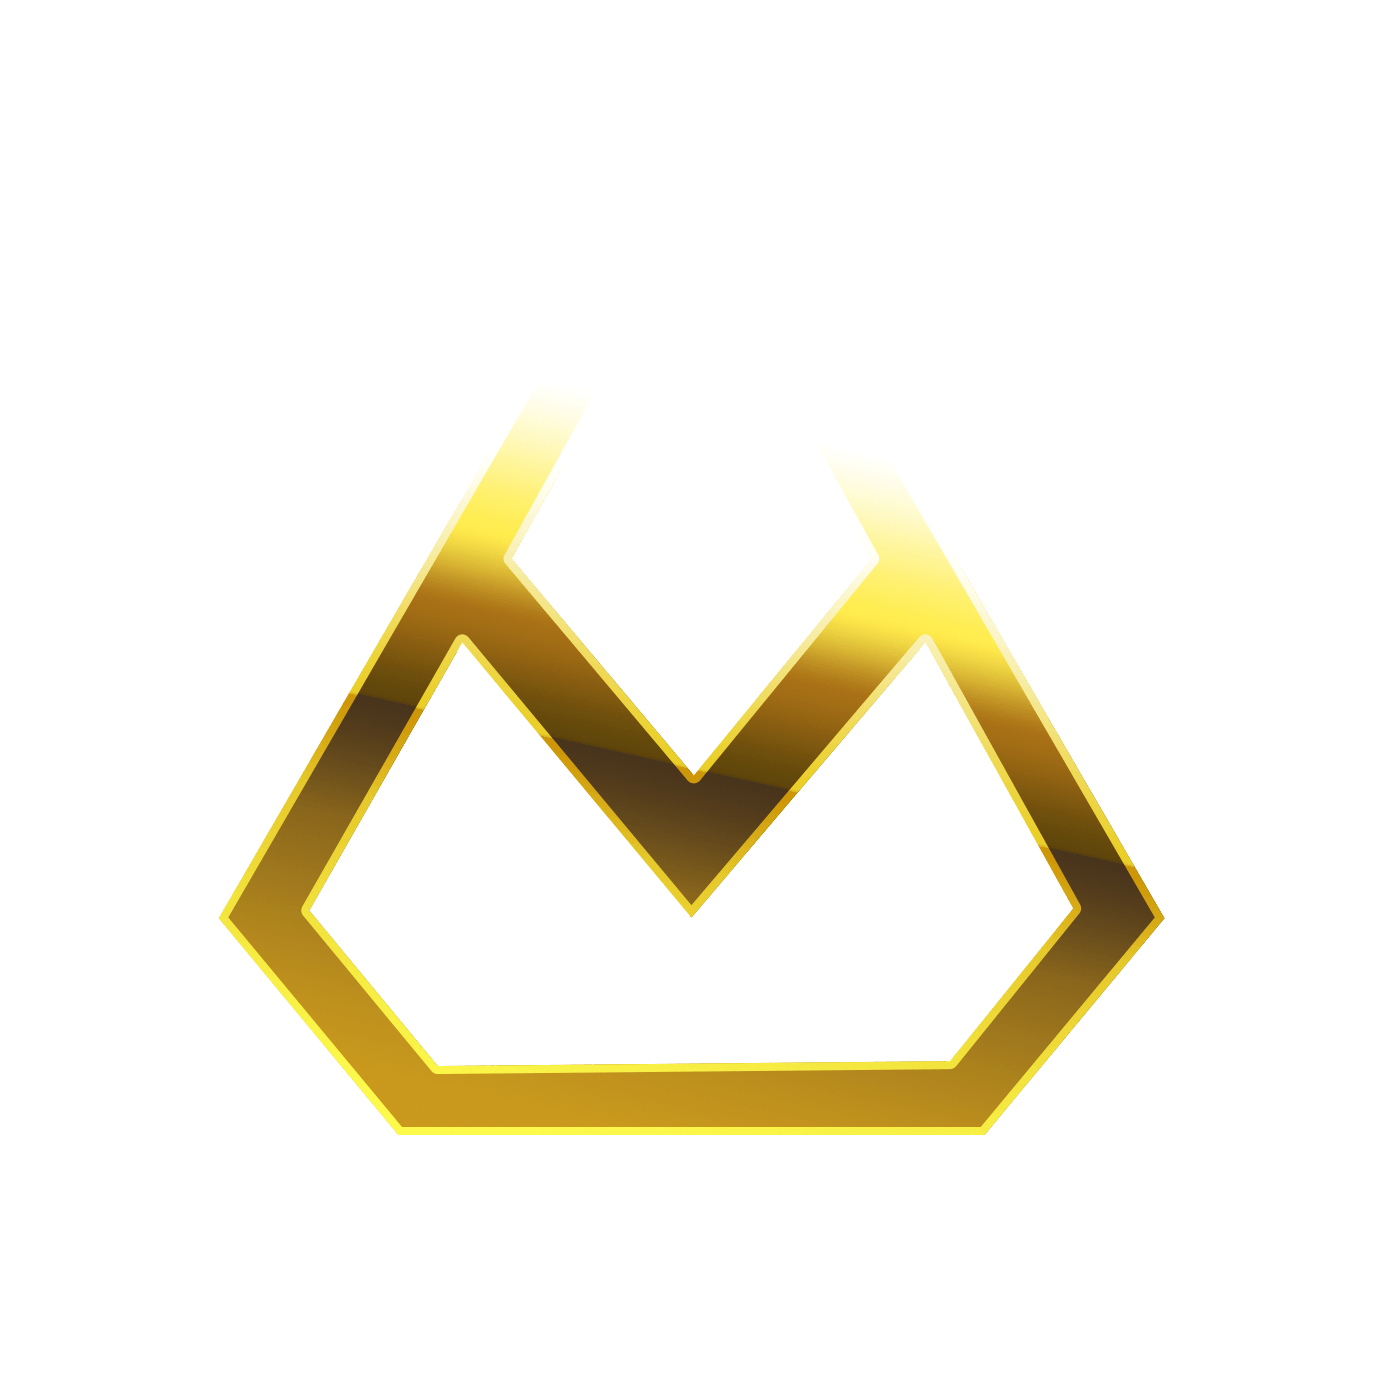 Gold I